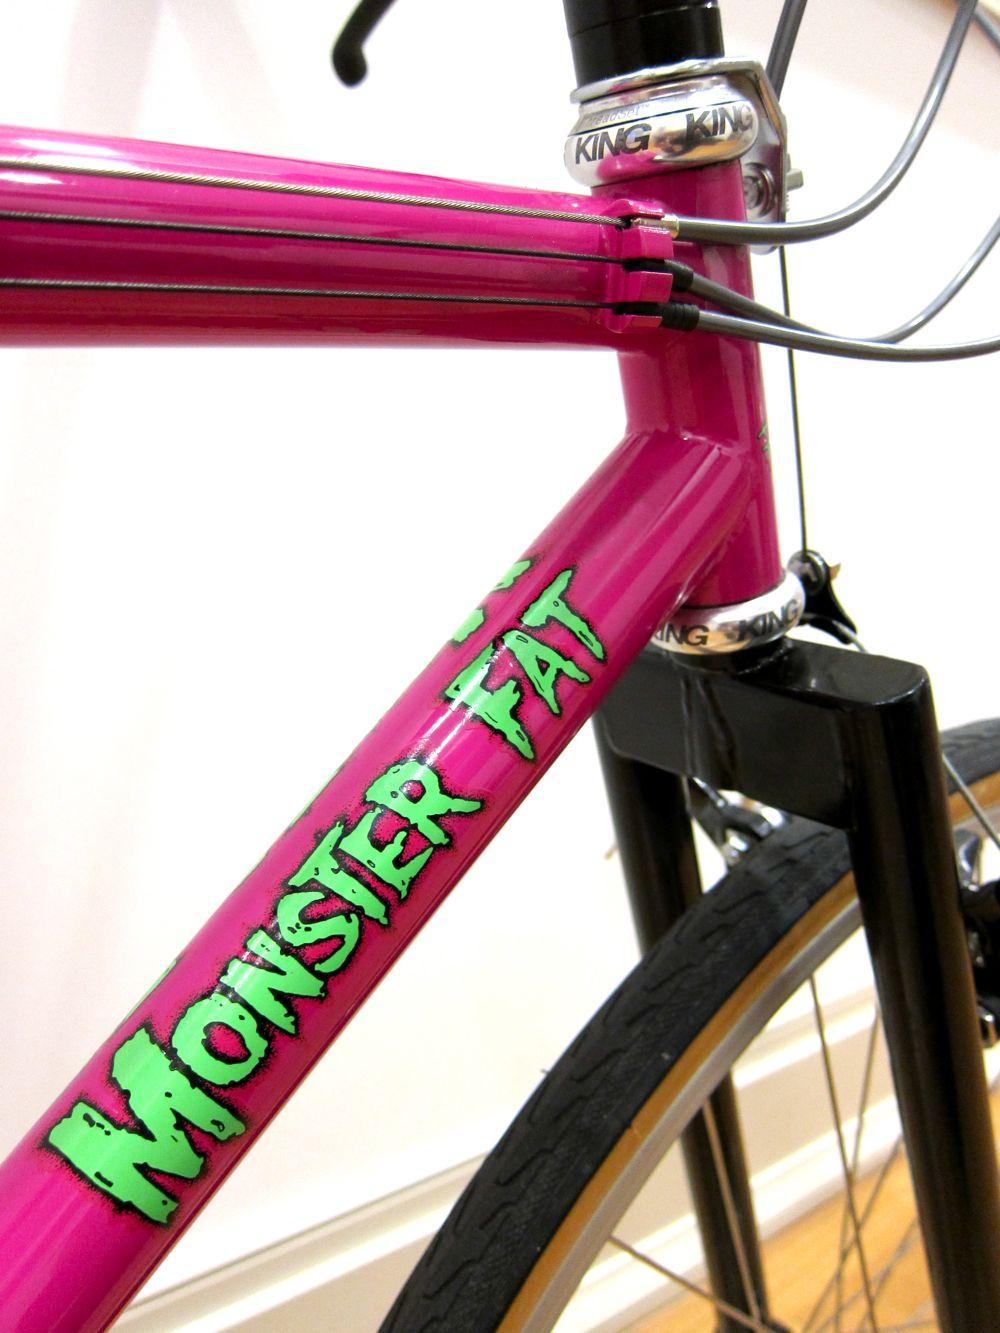 Monster Fat dirt drop project-img_0619.jpg